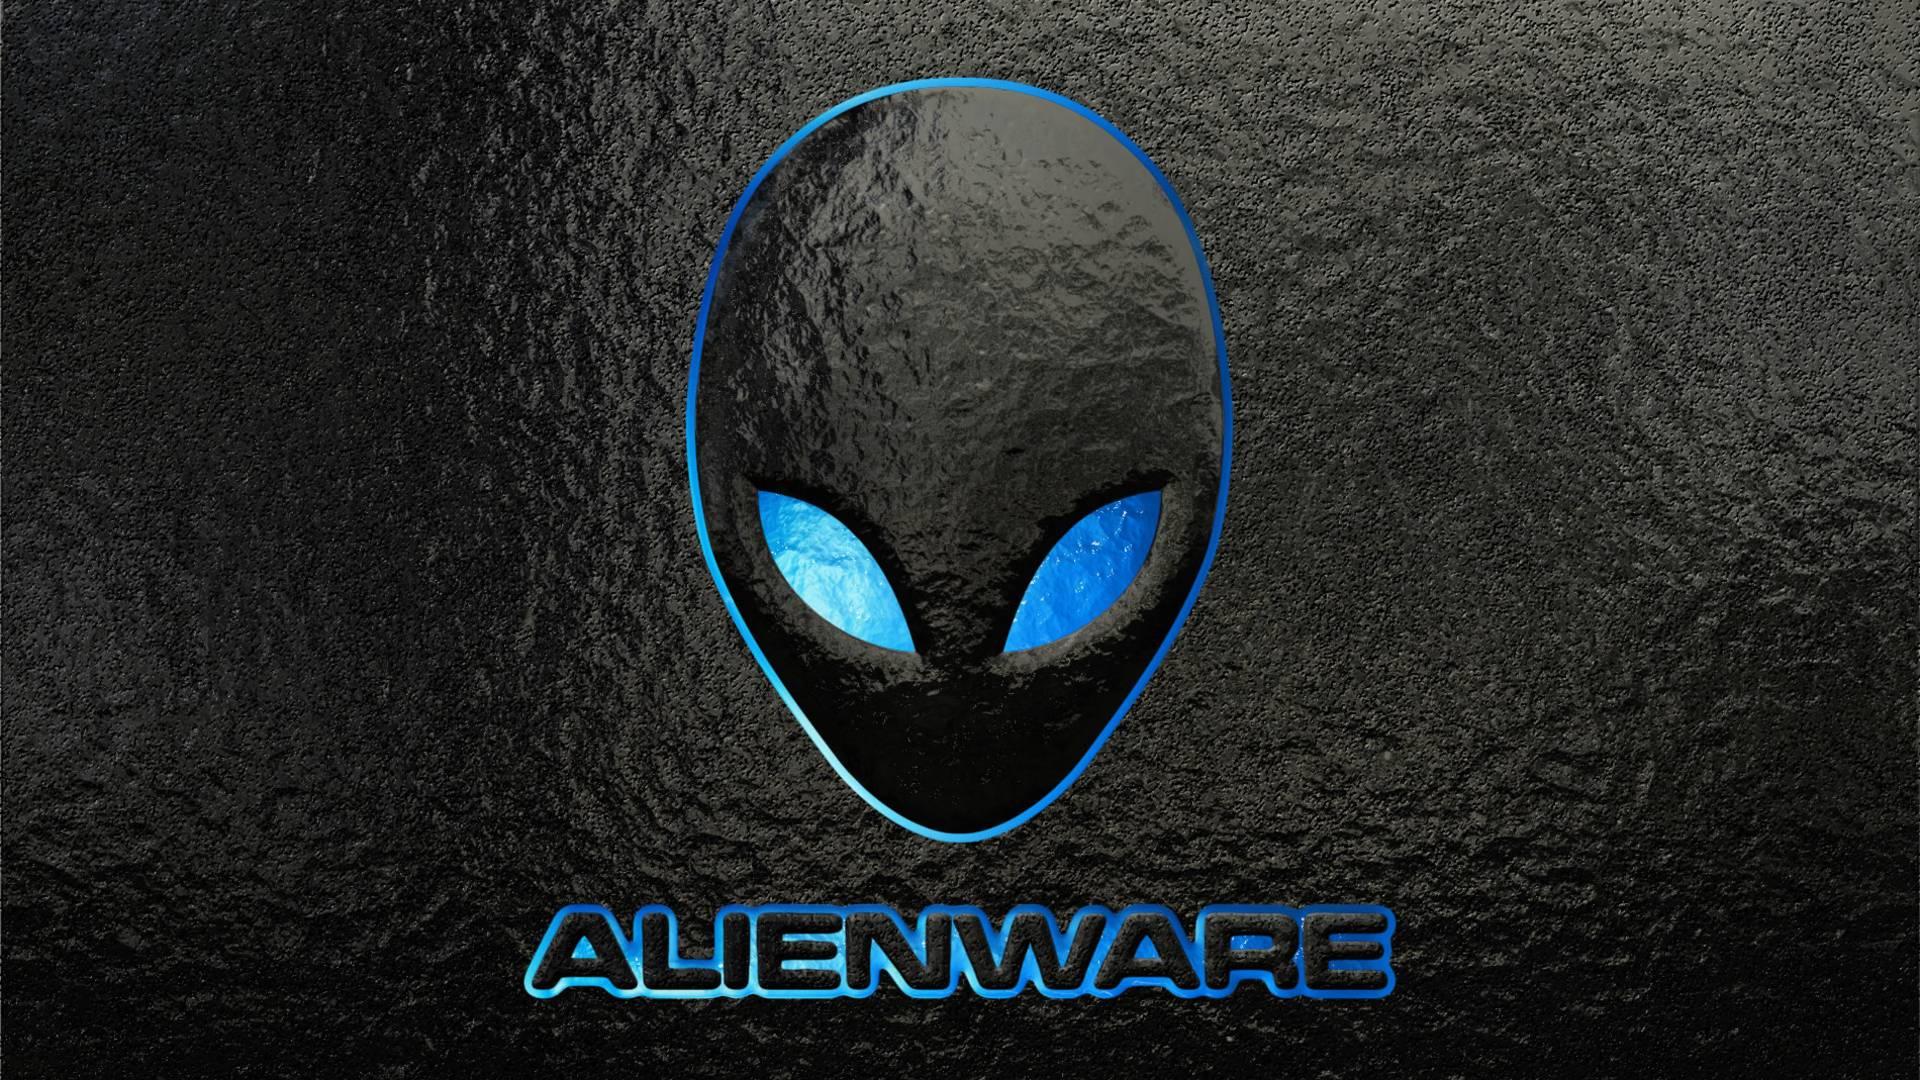 Free Wallpaper Fall Season Full Hd Alienware Wallpaper 1920x1080 Pixelstalk Net